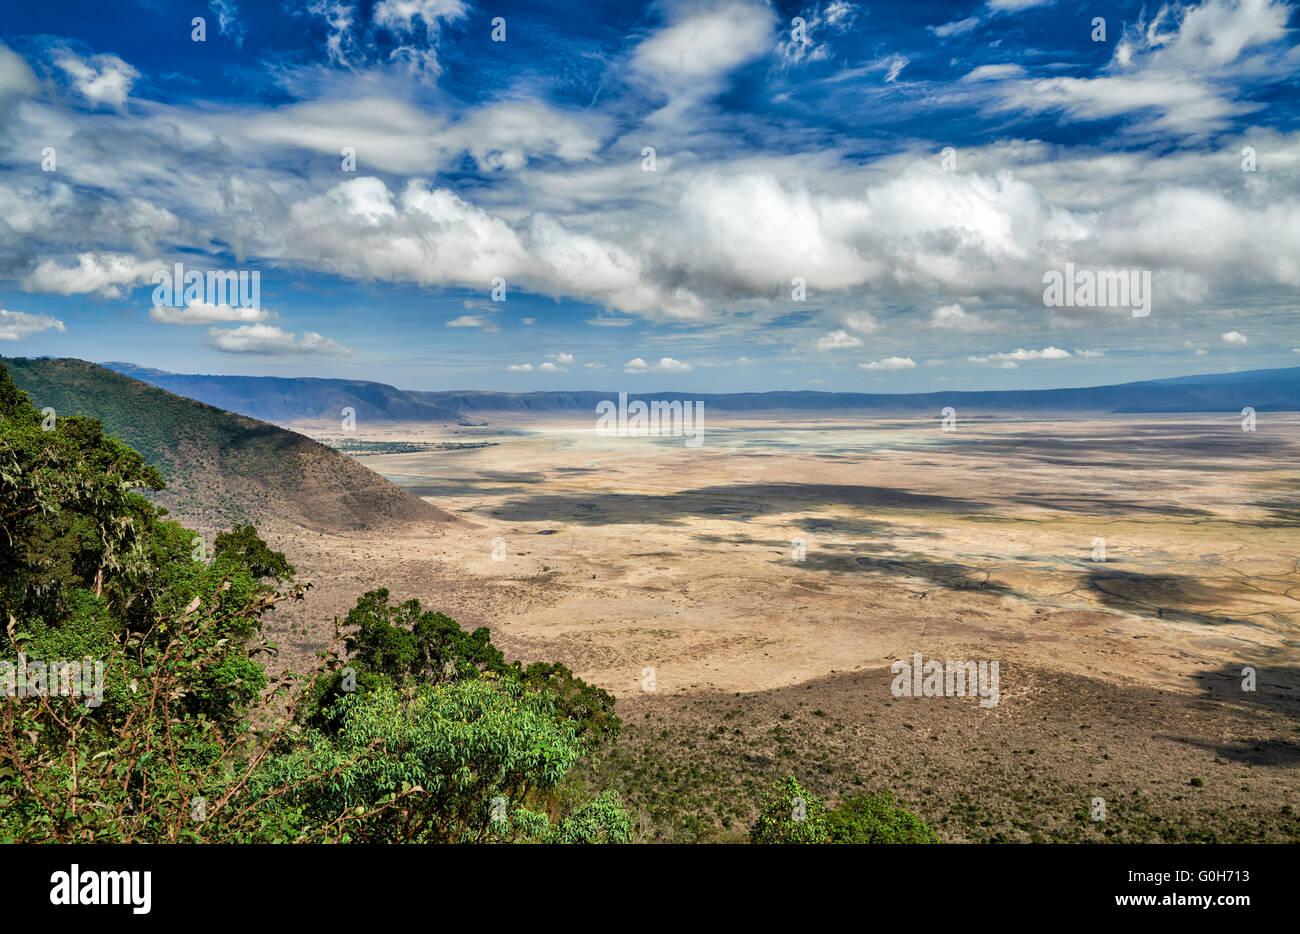 Vista dal cerchio all'interno del cratere di Ngorongoro, Ngorongoro Conservation Area, sito patrimonio mondiale dell'UNESCO, Tanzania Africa Foto Stock